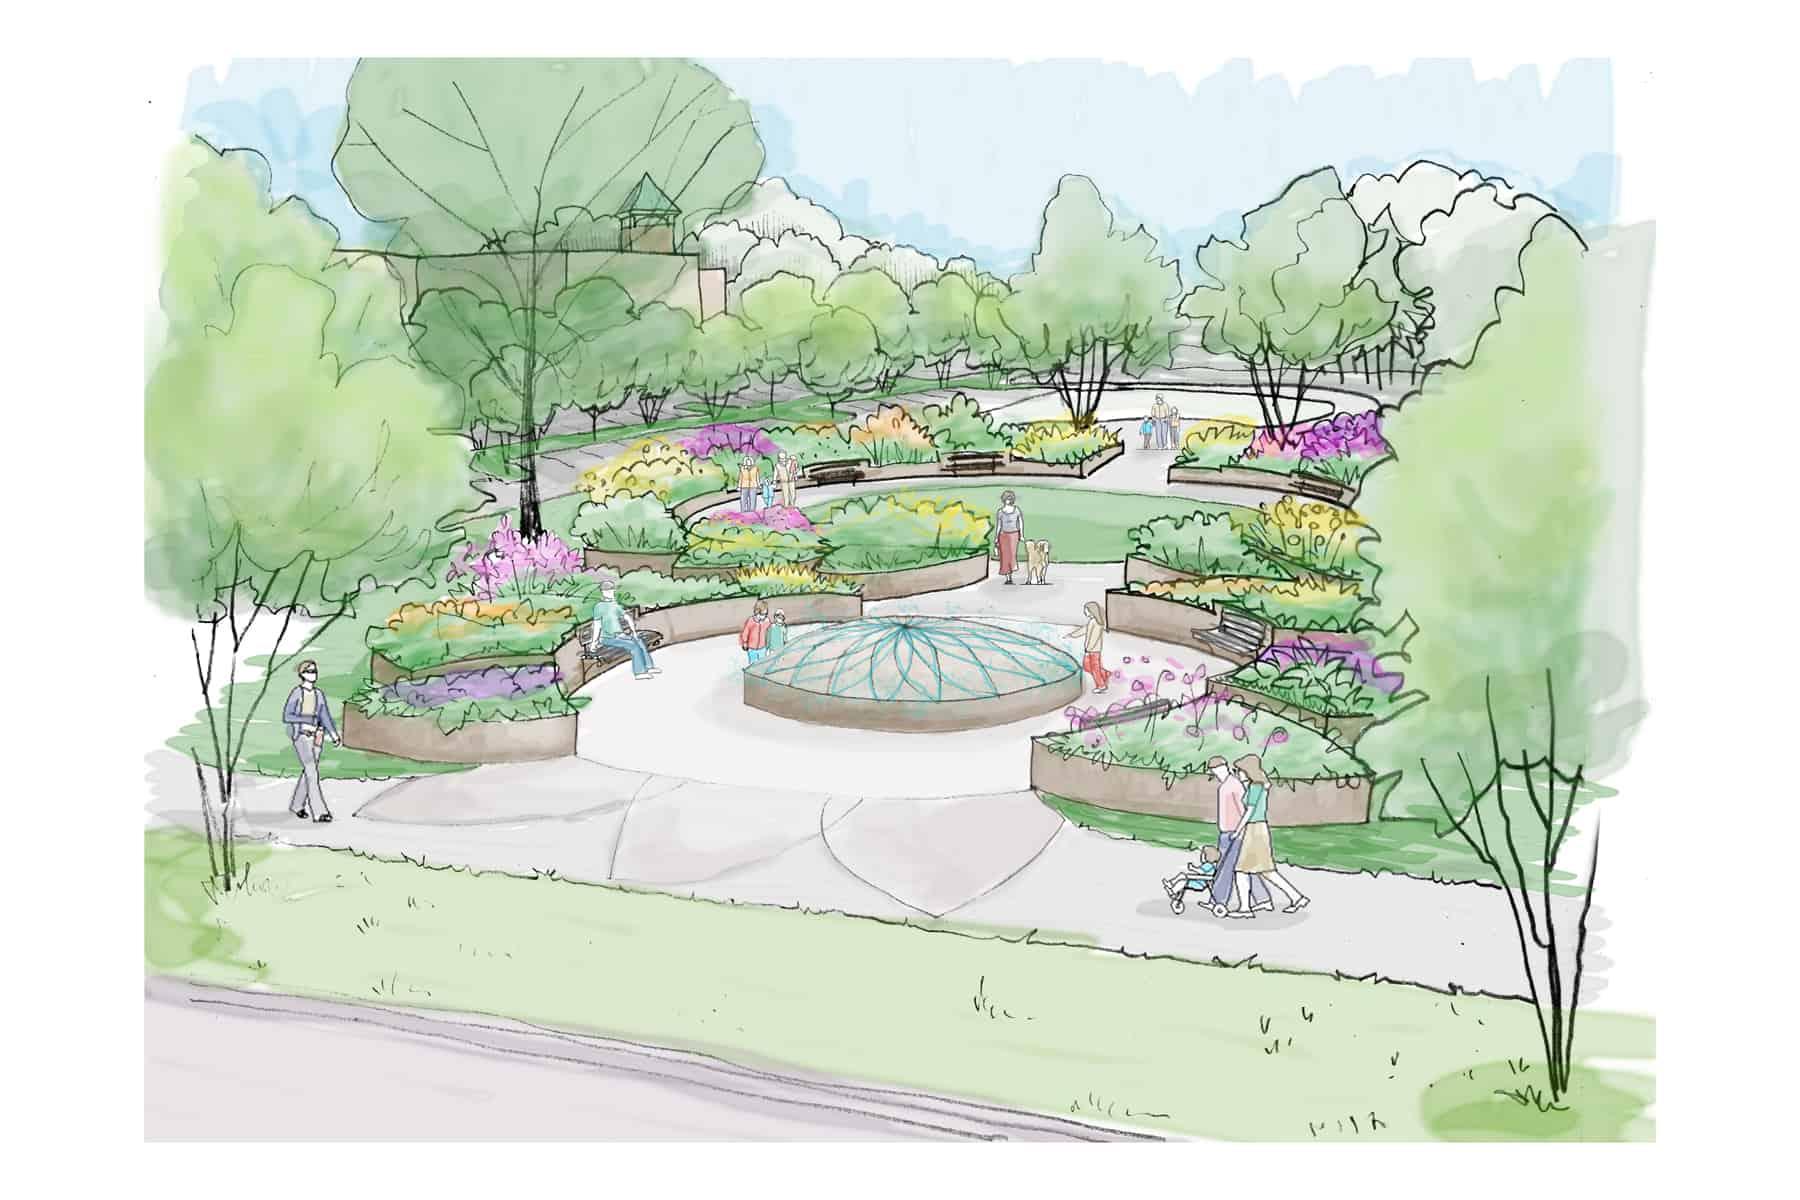 Little Falls Park - Greenville, NC - Concept Sketch by JMMDS